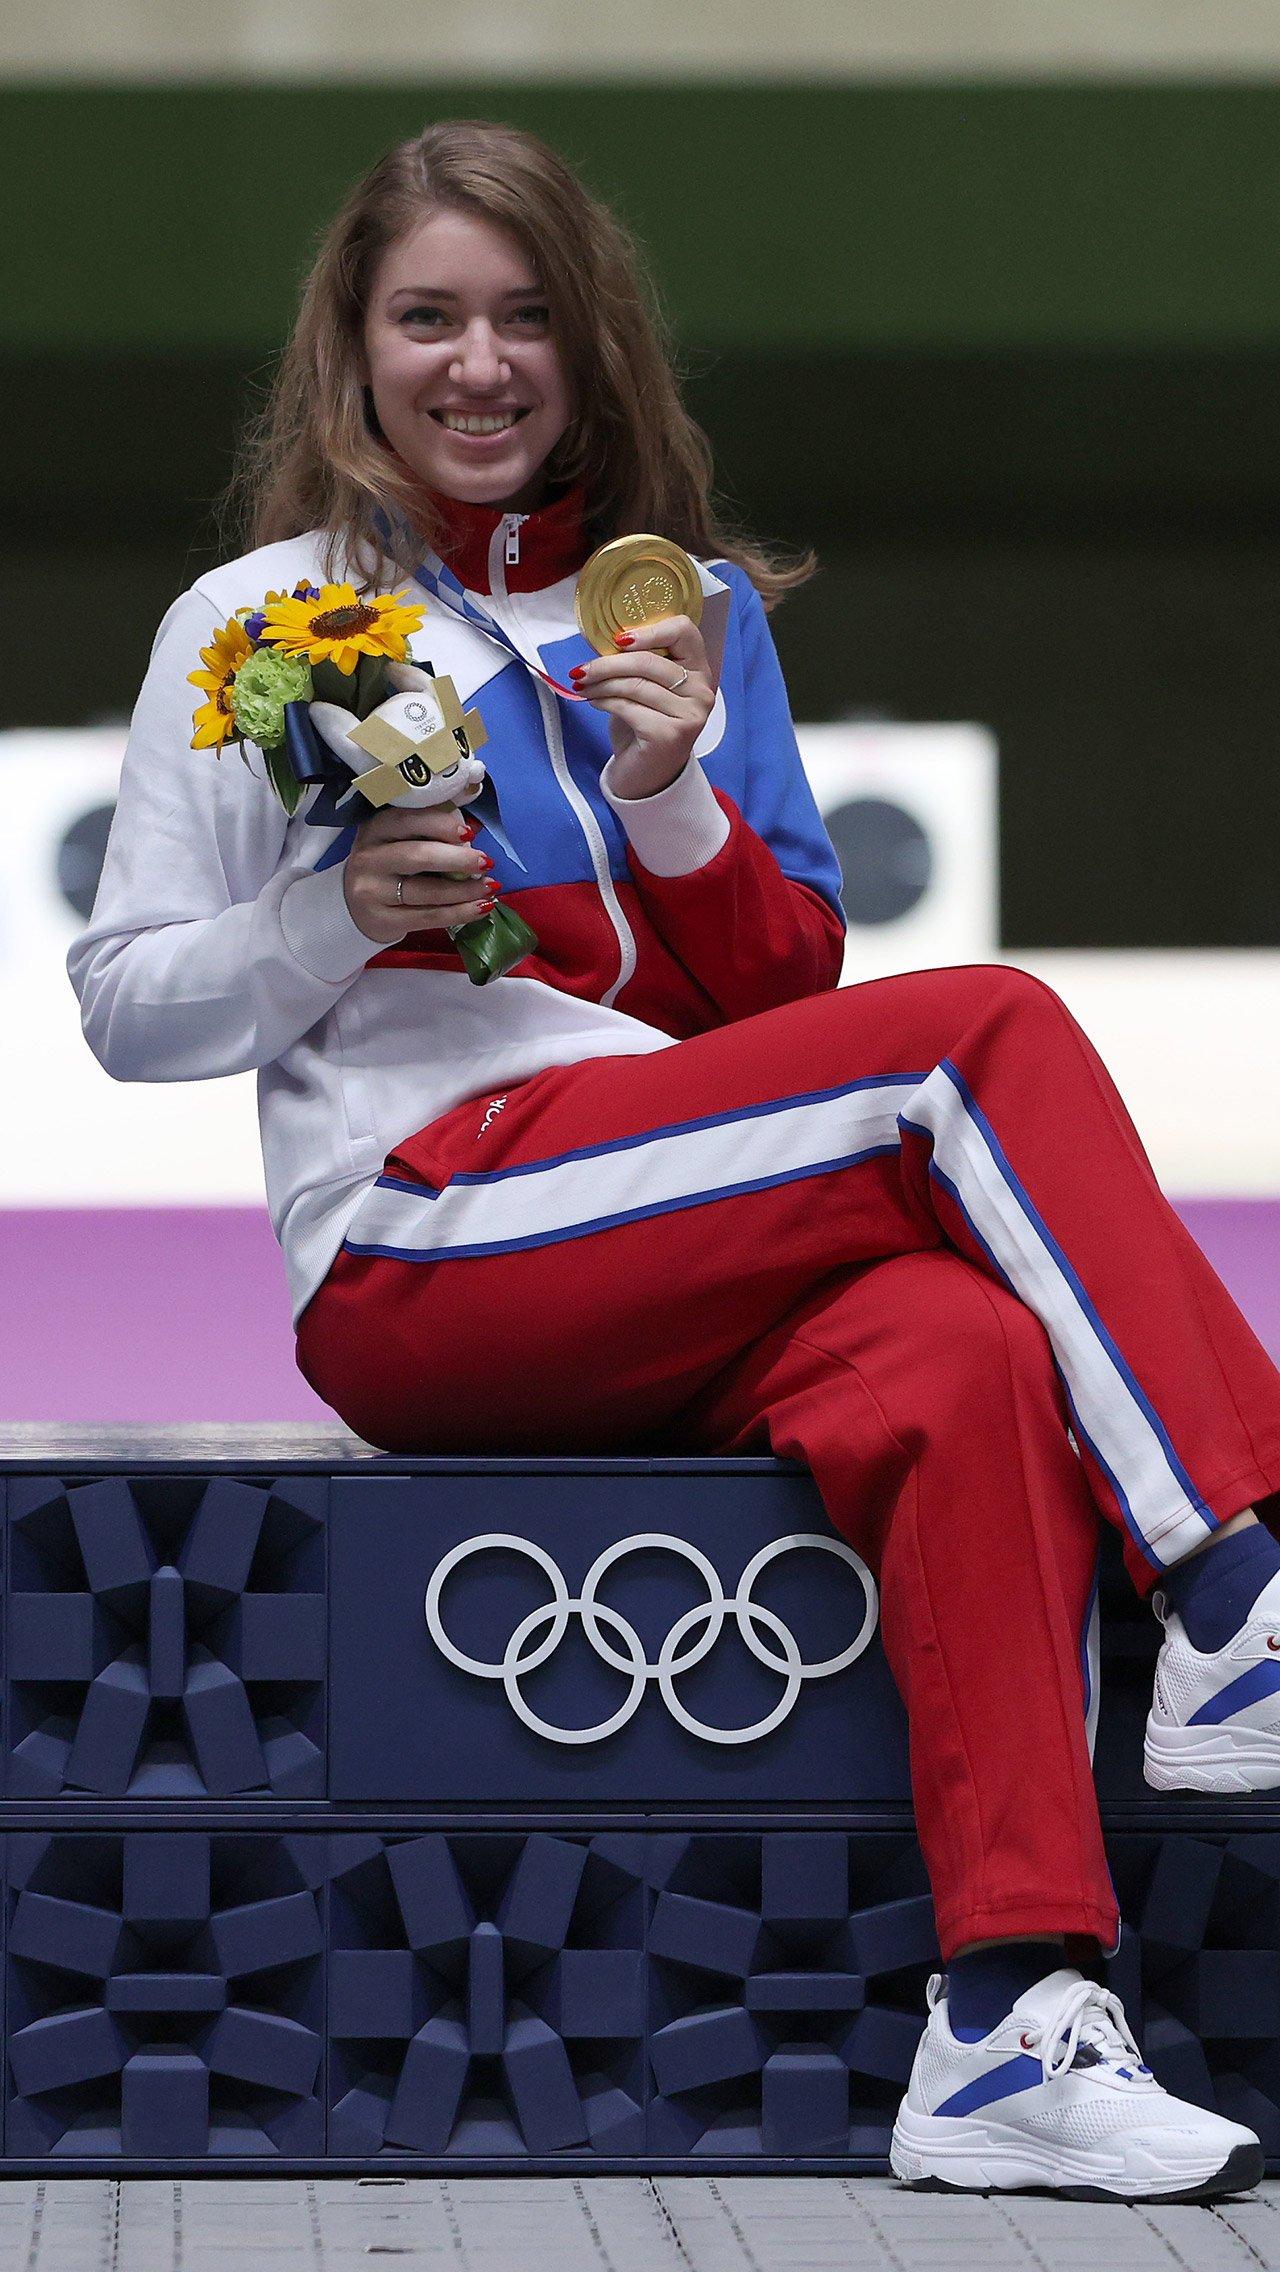 Больше всех за неделю Олимпиады заработала стрелок Виталина Бацарашкина — 18 млн рублей. 10,5 млн – от государства, а 7,5 млн девушке выплатит Минспорта Омской области.